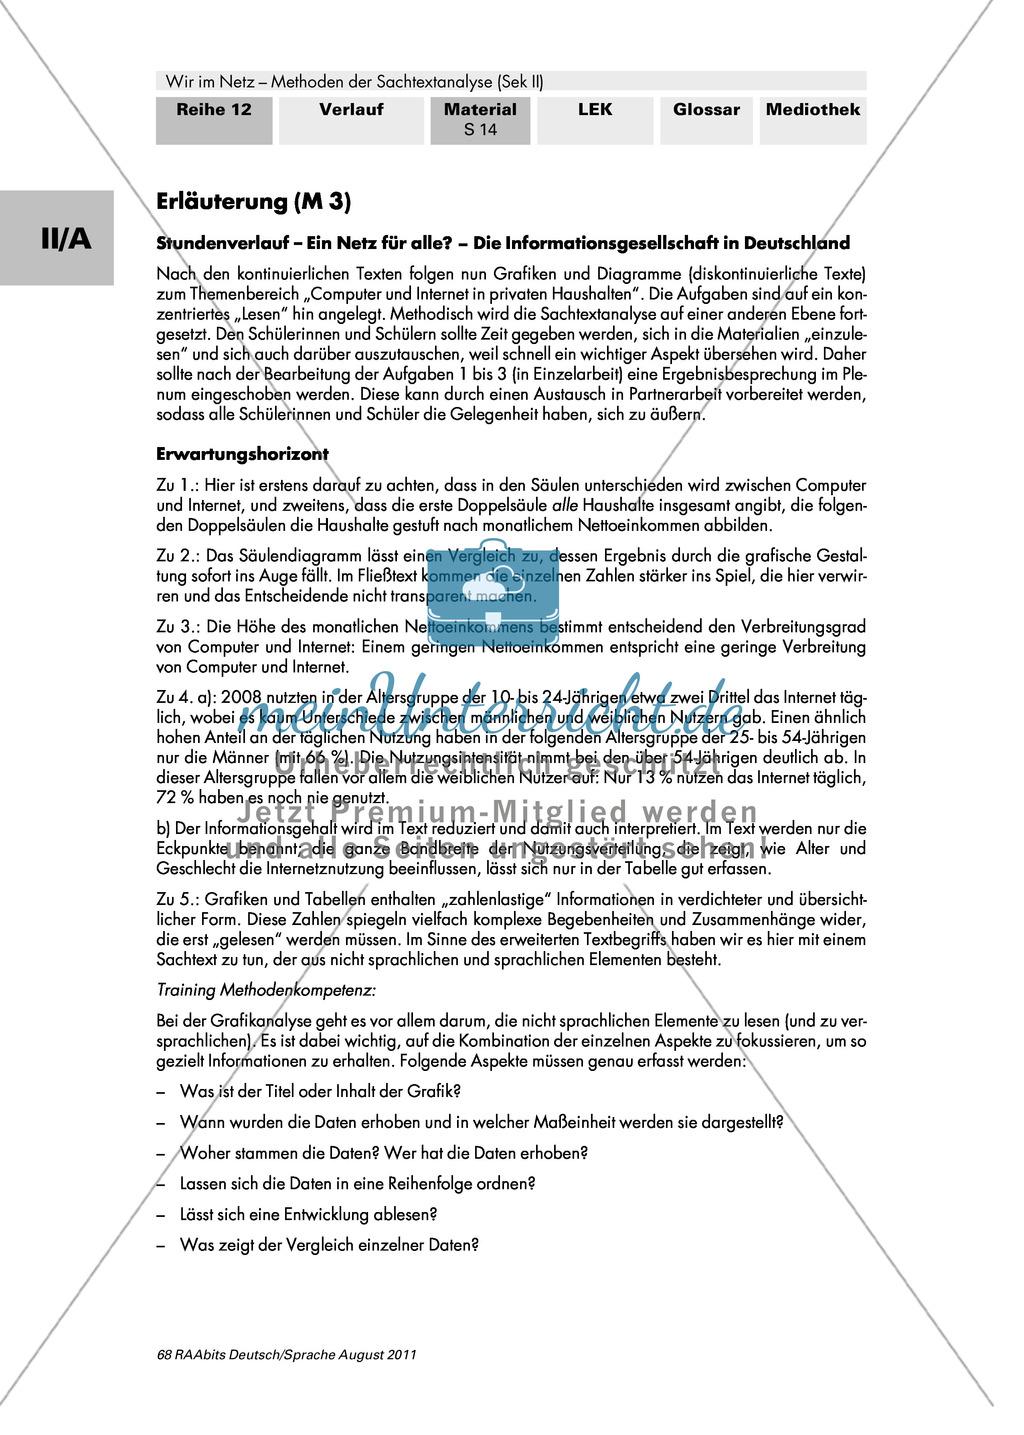 Statistiken: Die Informationsgesellschaft in Deutschland Preview 2